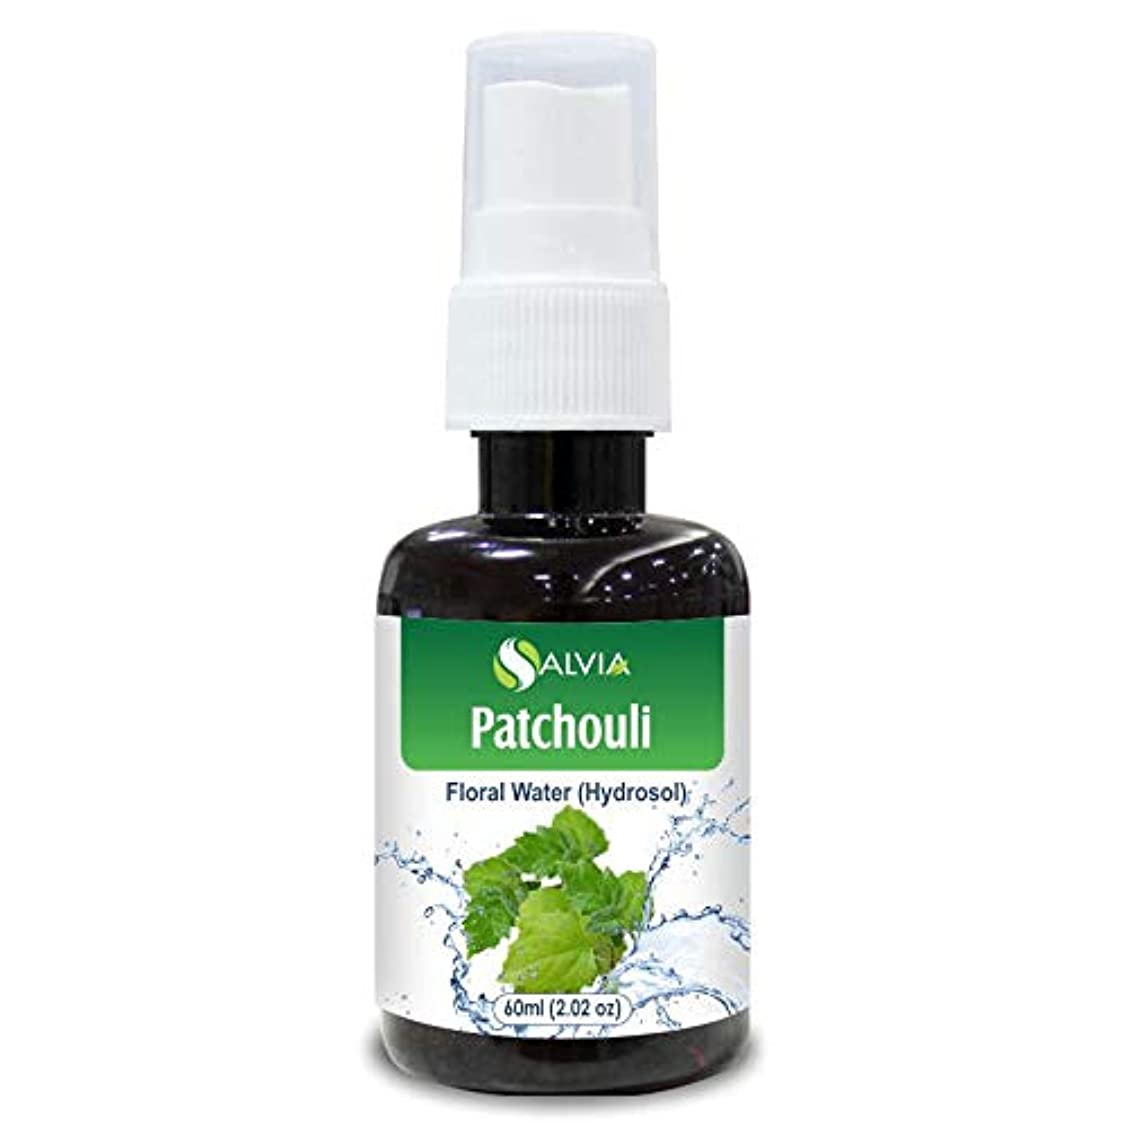 ハッピーエイズ火薬Patchouli Floral Water 60ml (Hydrosol) 100% Pure And Natural